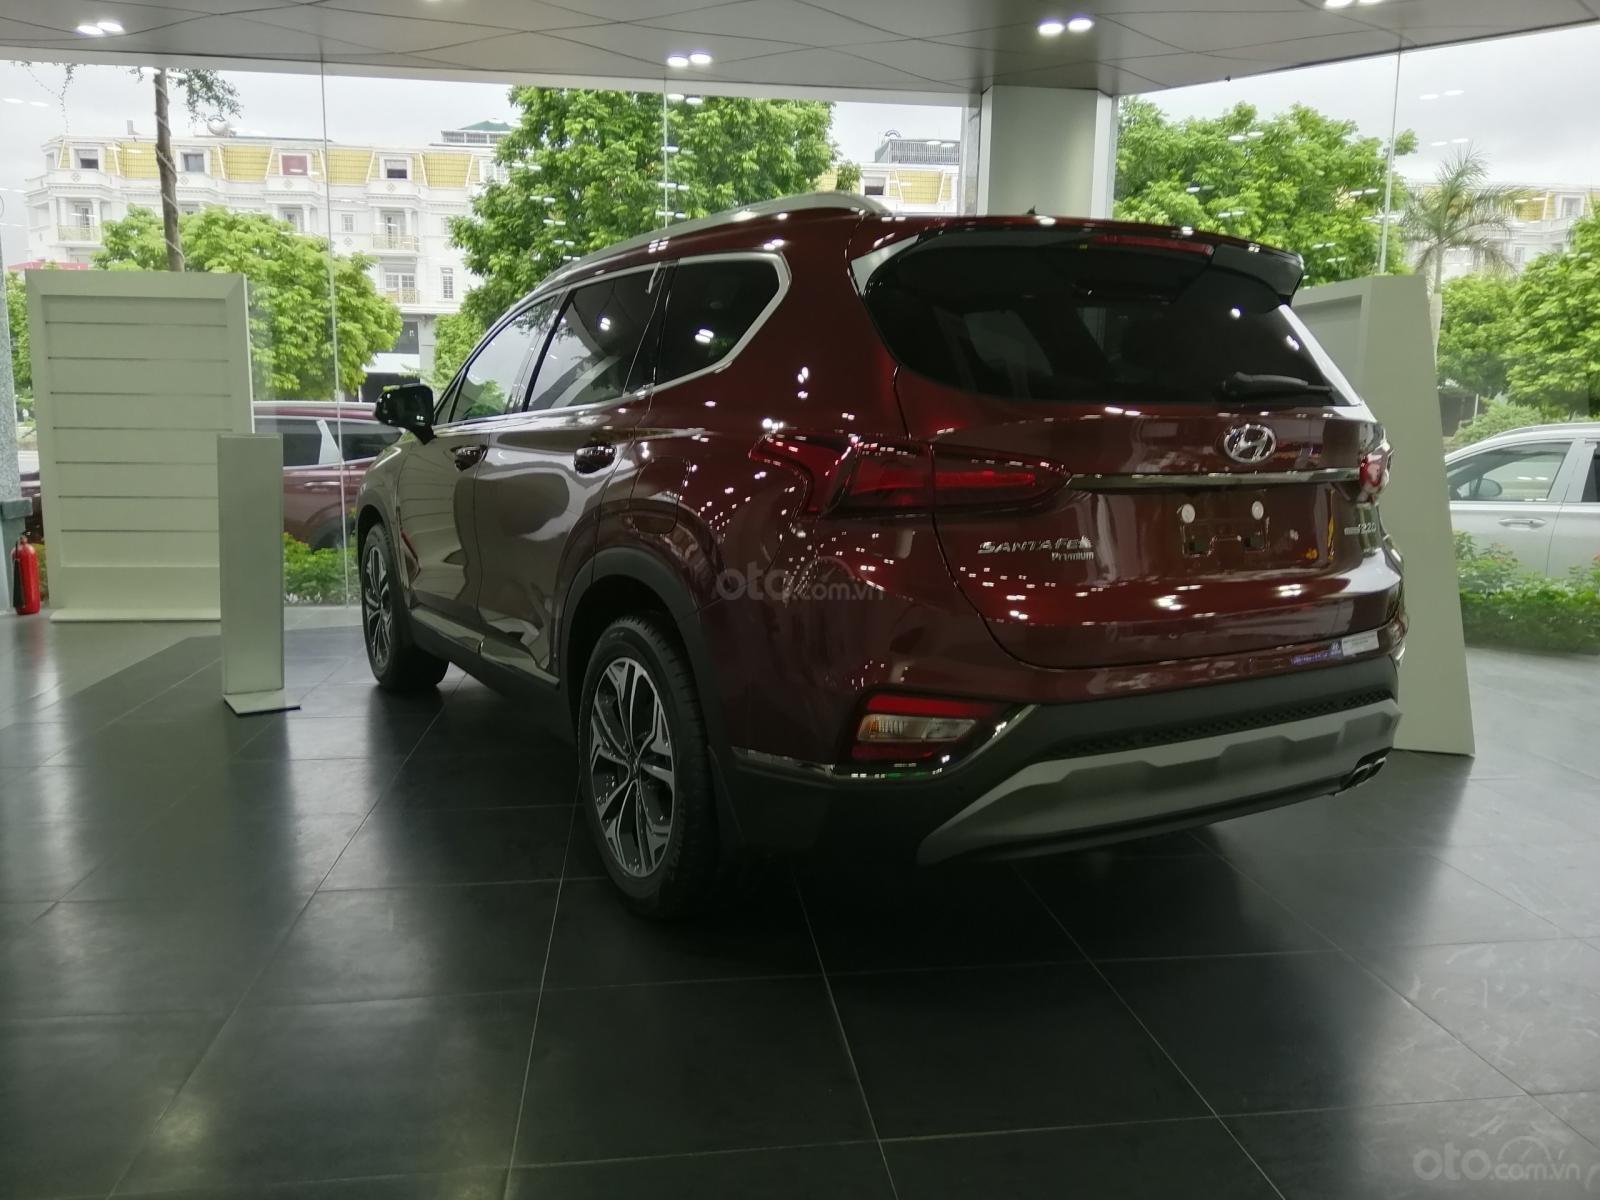 Bán Hyundai Santa Fe số tự động bản dầu cao cấp, sẵn xe, sẵn màu giao ngay, giá tốt nhất miền Bắc (3)